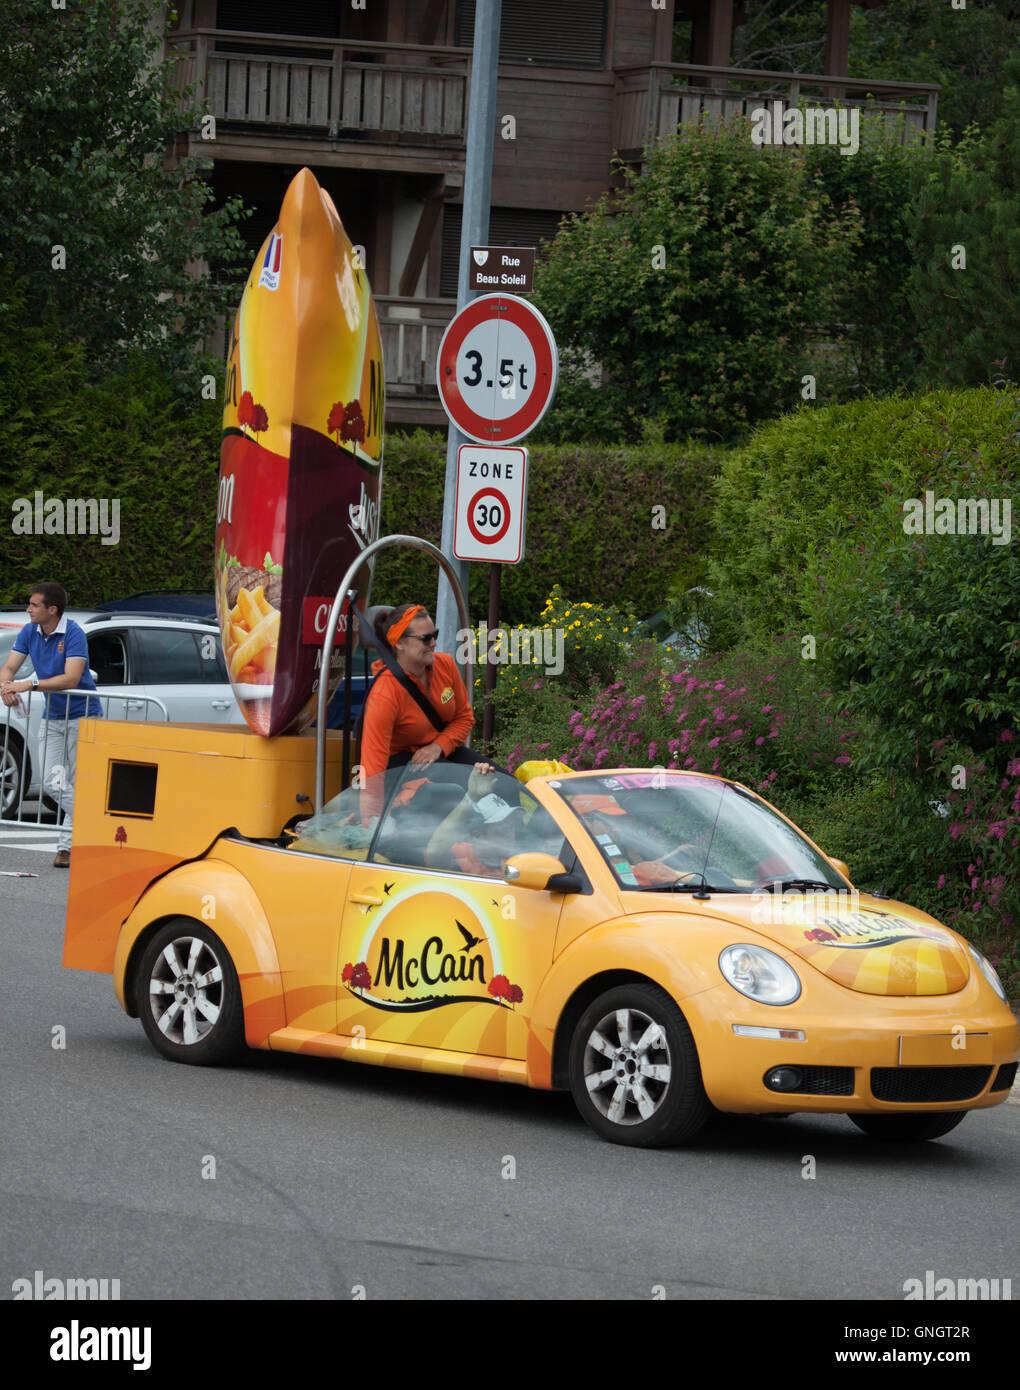 Caravane Du Tour De France : caravane, france, Caravane, France, Stock, Photo, Alamy